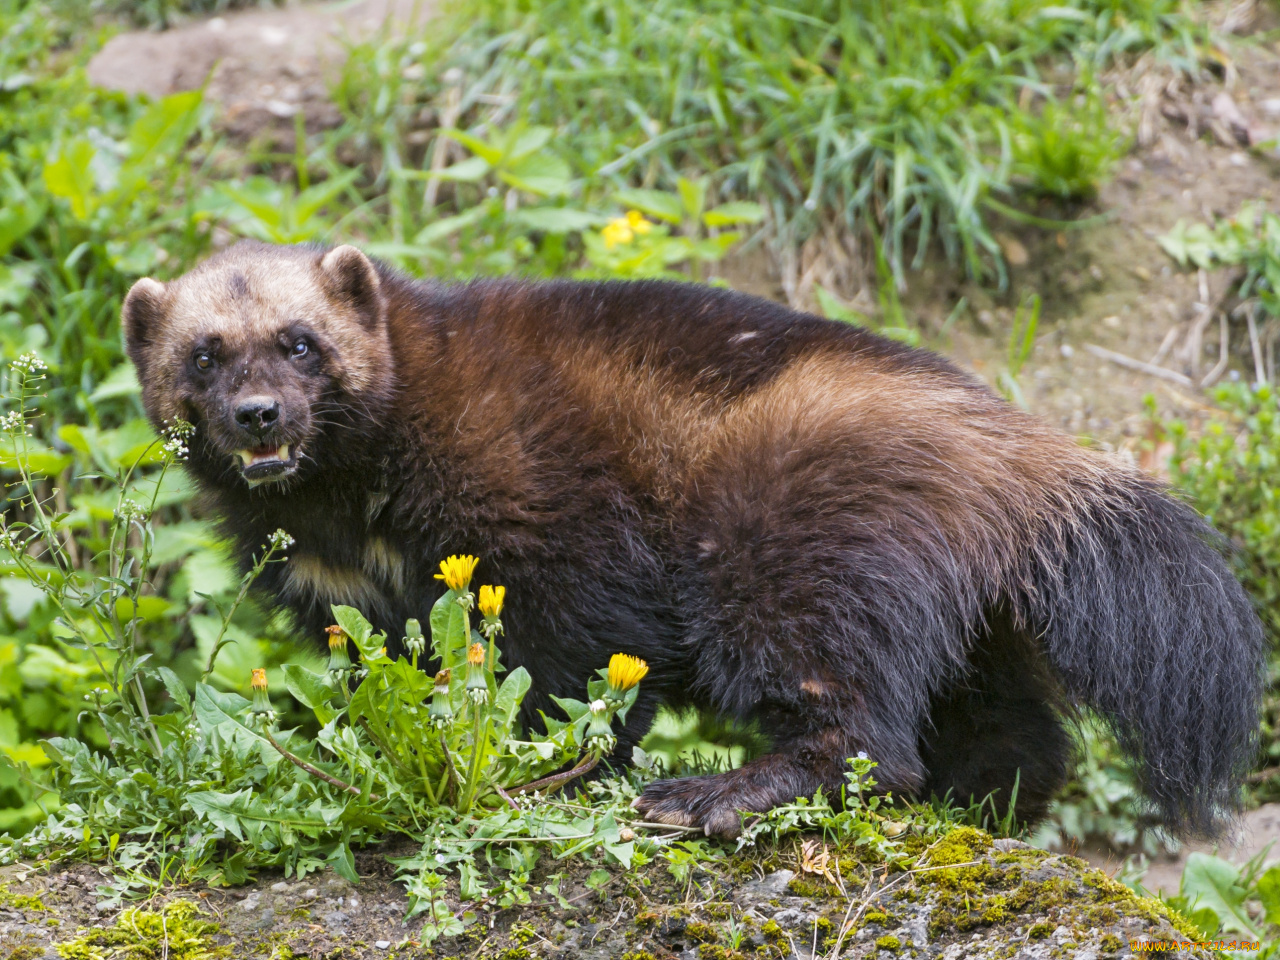 росомаха животное фото и описание трегубова скрывает